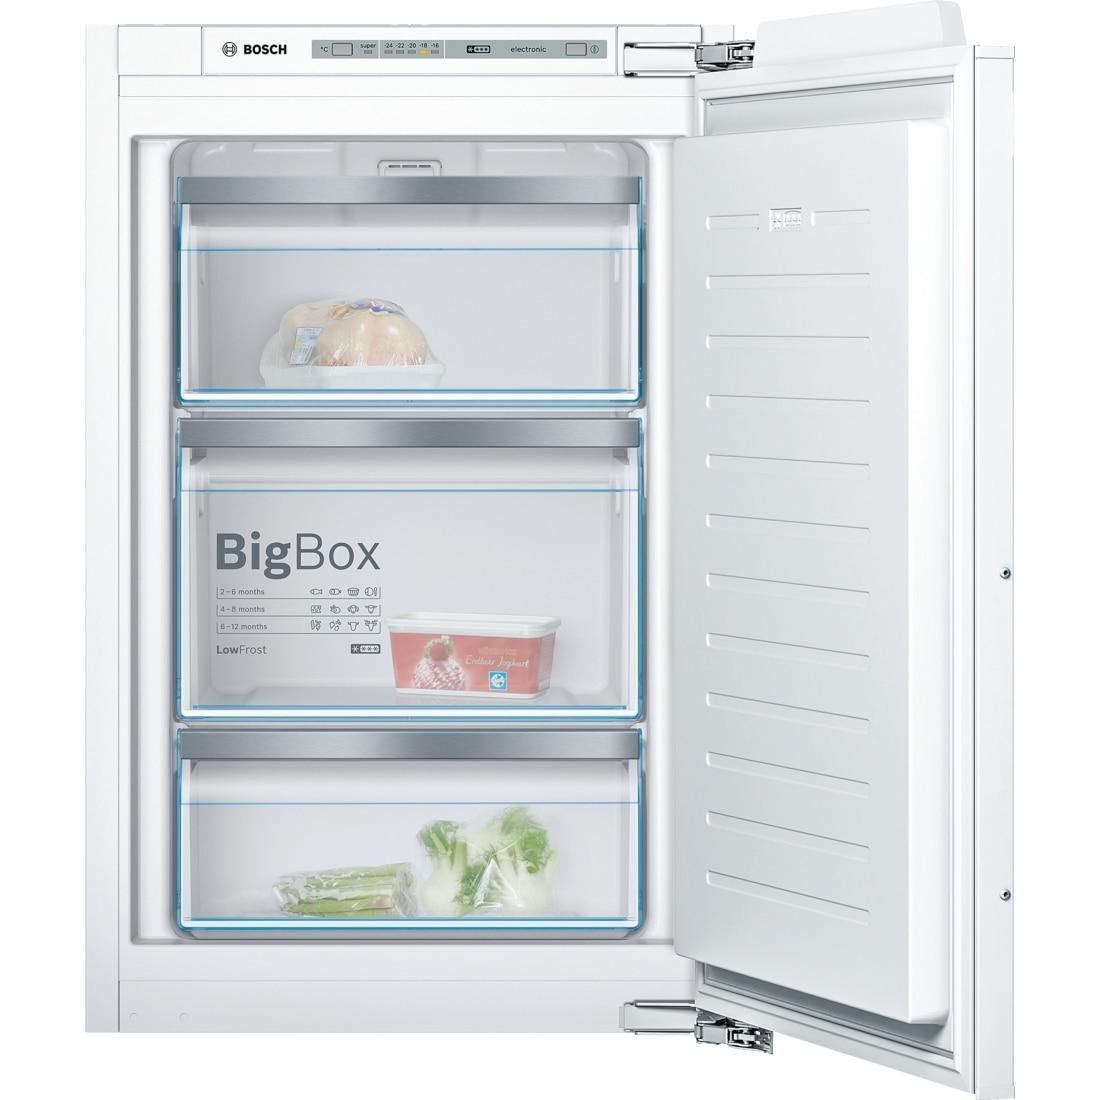 Fotografie Congelator incorporabil Bosch GIV21AF30, 97 l, 3 sertare, Clasa A++, H 87 cm